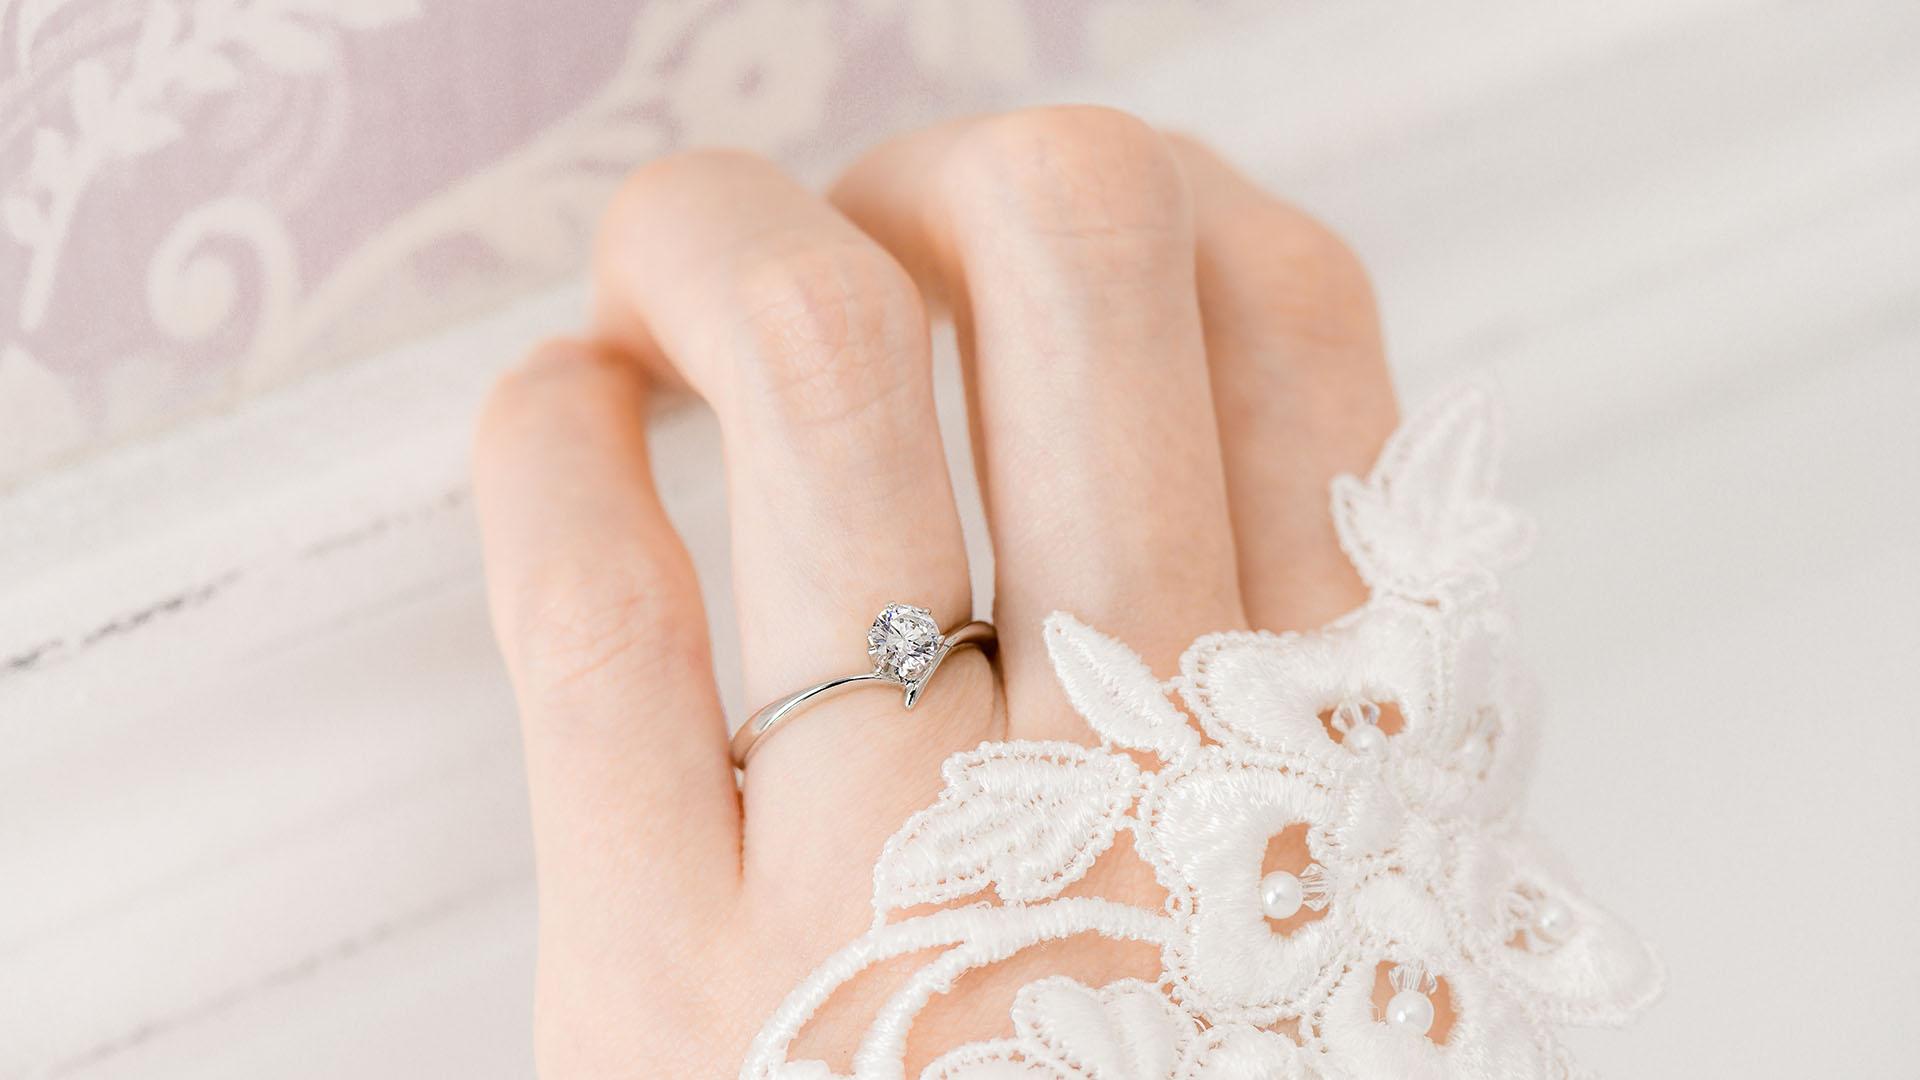 regulus レグルス | 婚約指輪サムネイル 3